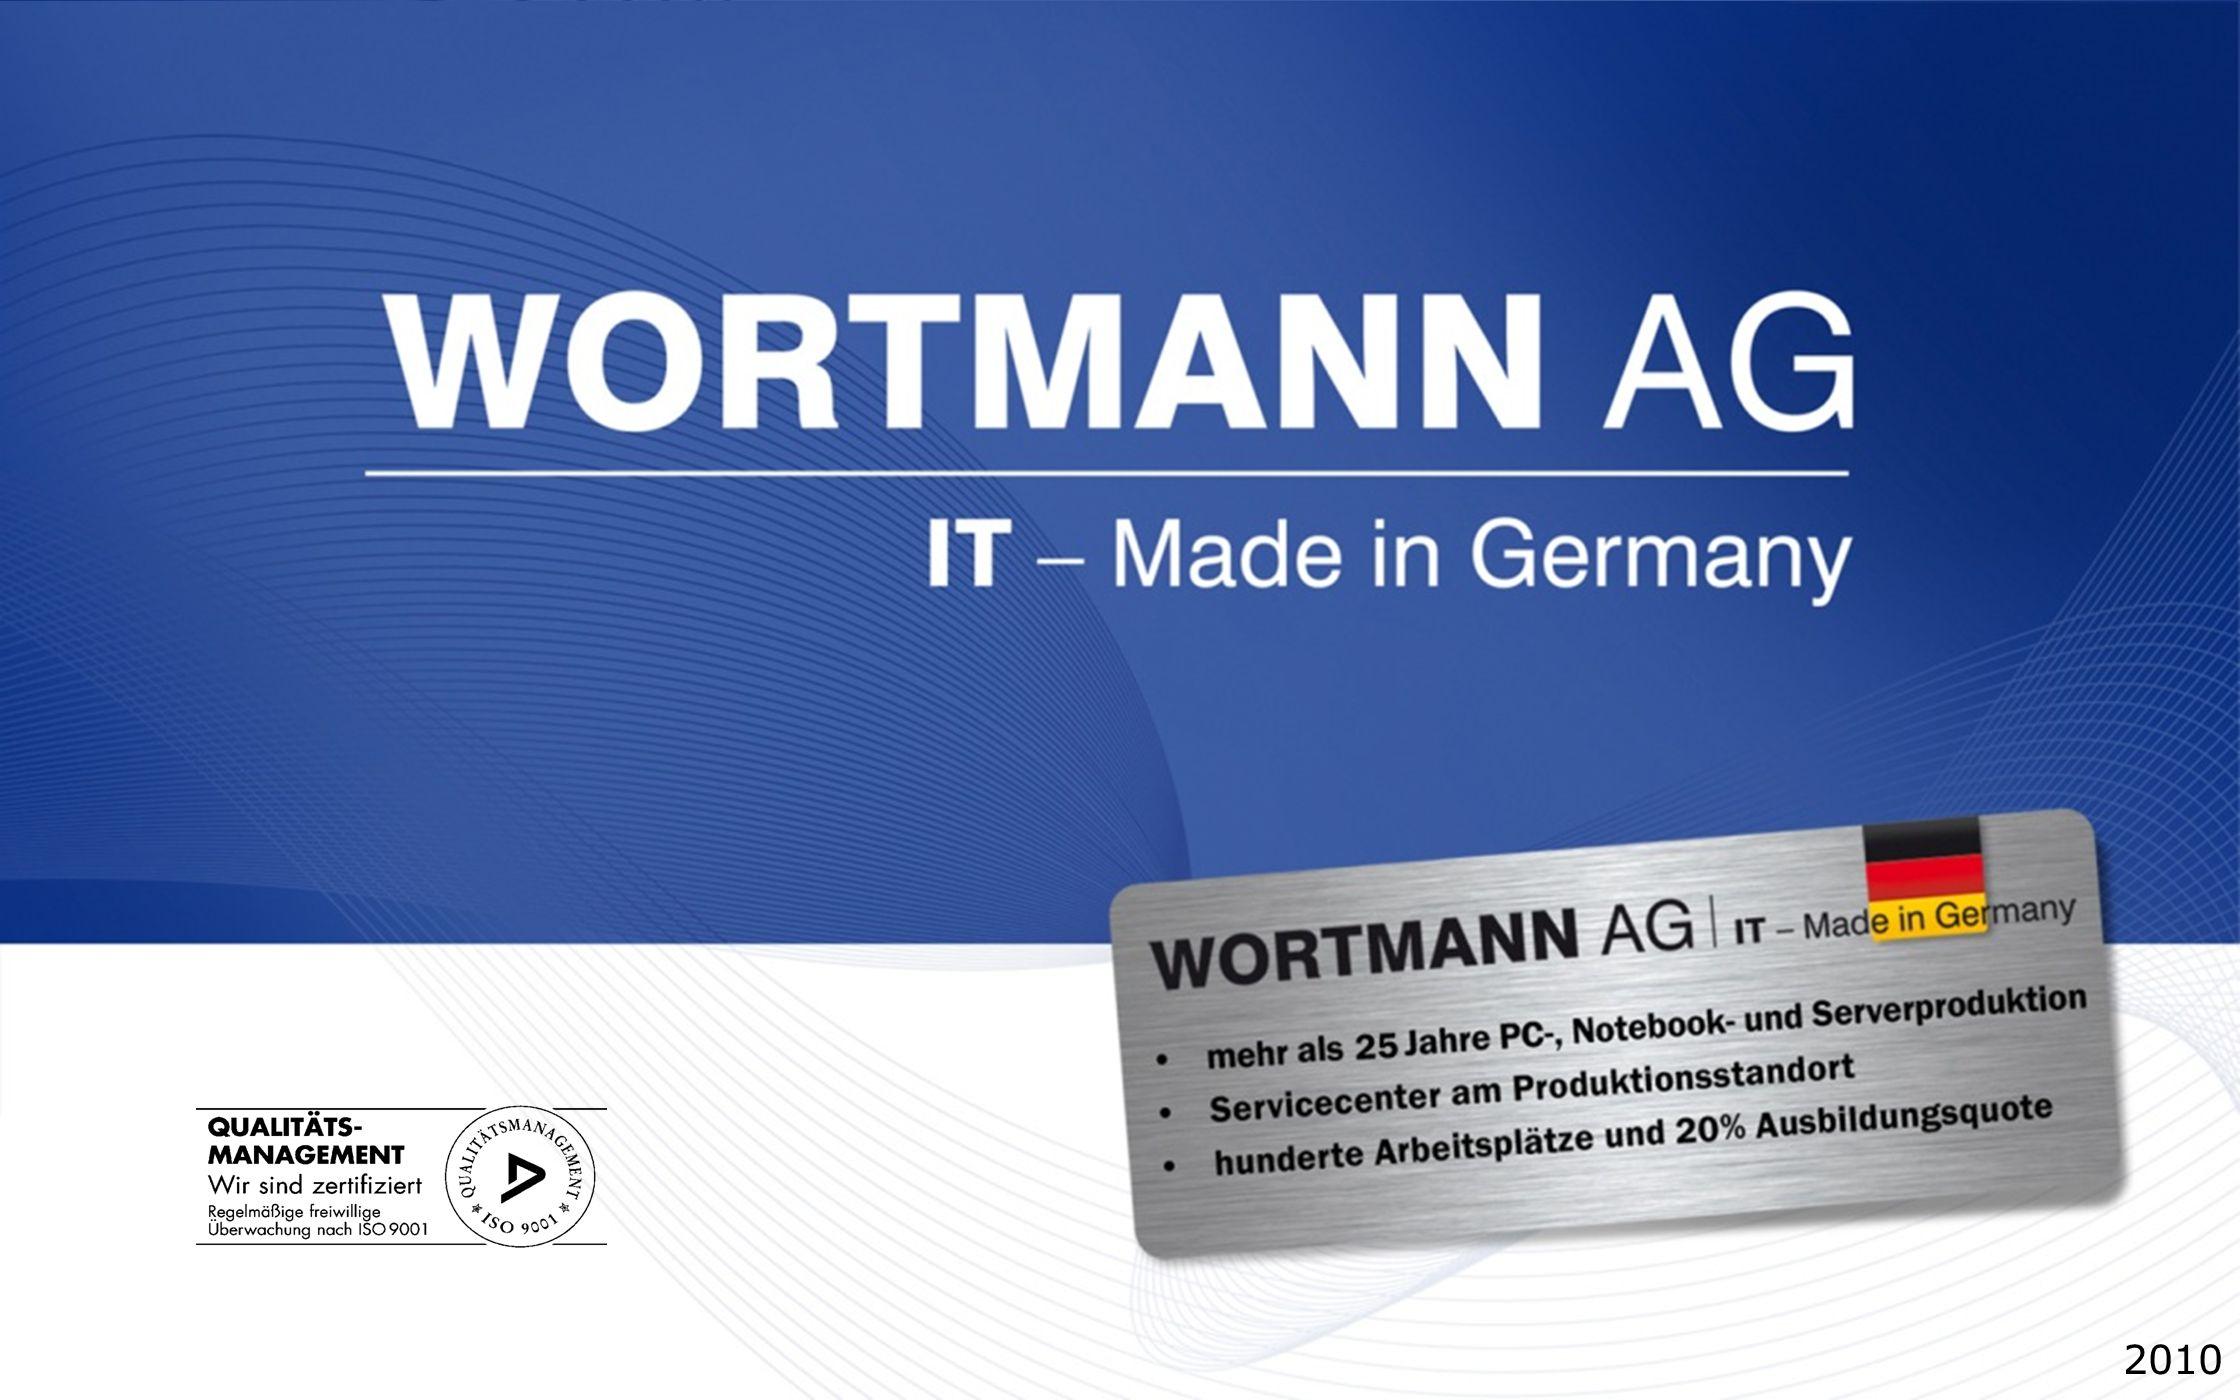 www.wortmann.de Statements Microsoft Achim Berg, Vorsitzender der Geschäftsführung Microsoft Deutschland und Area Vice President International: Seit über 16 Jahren verbindet Microsoft und die WORTMANN AG eine enge Partnerschaft in der Betreuung von Systemhäusern und Fachhändlern.